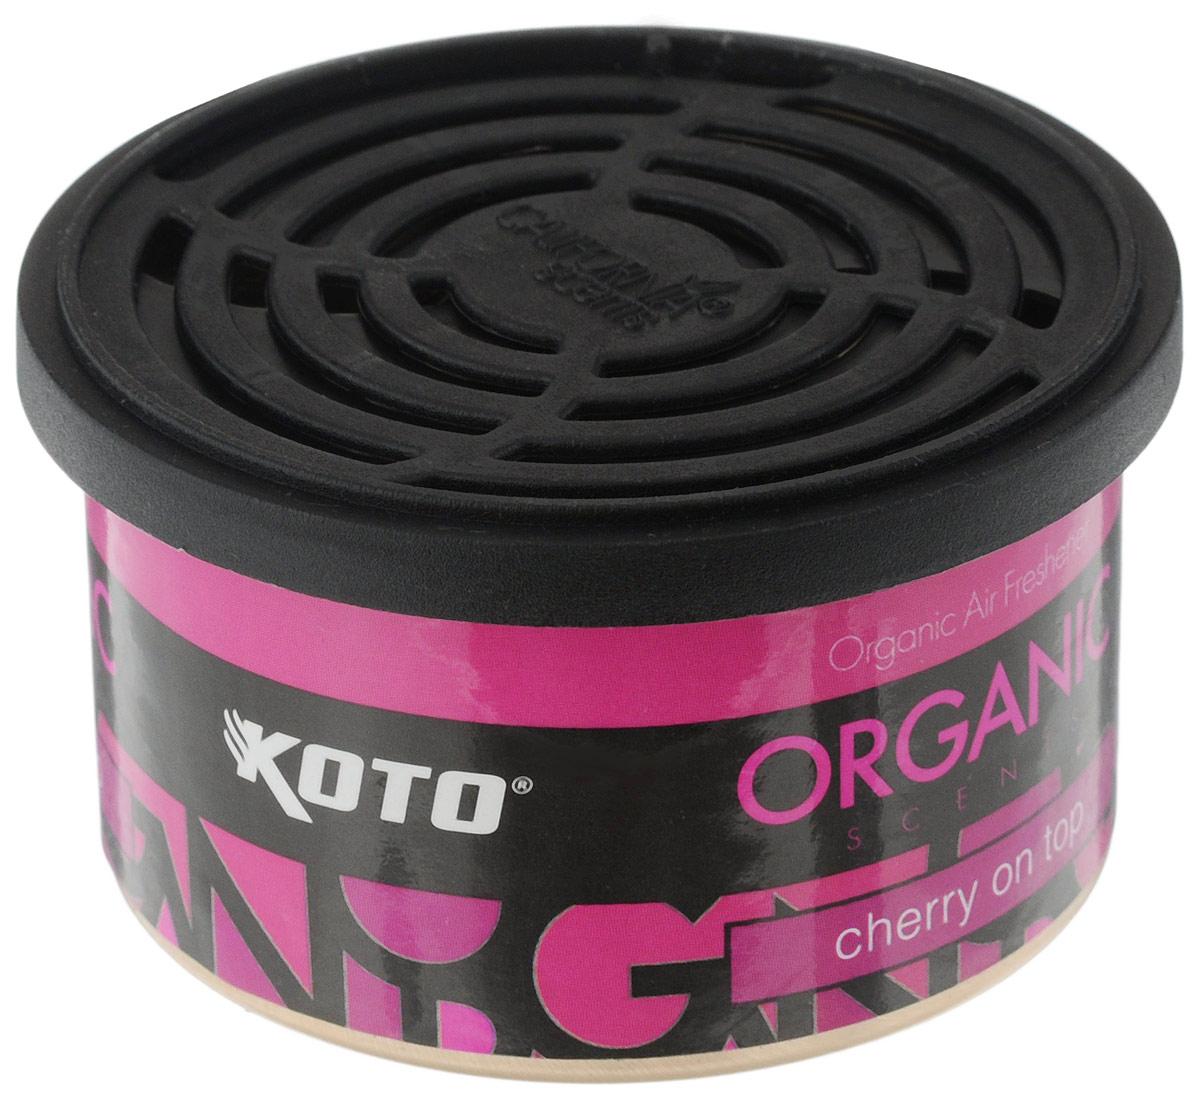 Ароматизатор автомобильный Koto Organic, вишняRC-100BPCАвтомобильный ароматизатор Koto Organic эффективно устраняет неприятные запахи и придает приятный аромат вишни.Внутри - органический наполнитель, который не растекается и не вредит окружающей среде. Ароматизатор имеет удобную крышку-регулятор, так что интенсивность аромата вы сможете настроить сами. Стойкий аромат держится около 60 дней. Ароматизатор может быть расположен как на приборной панели, так и под сиденьем автомобиля.Товар сертифицирован.